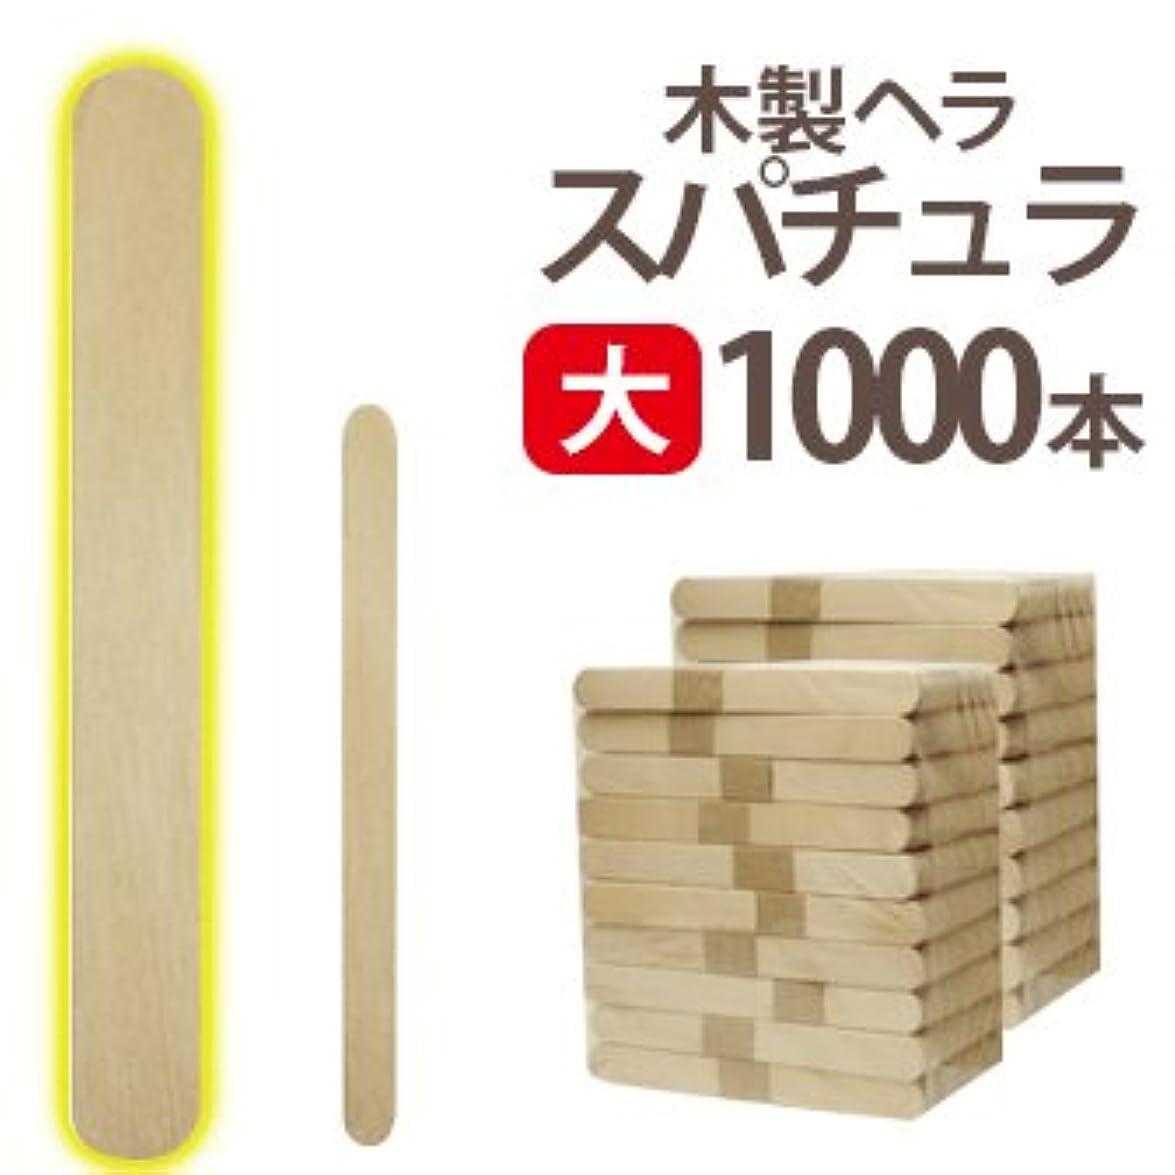 使い込む抽象化おなじみの大 ブラジリアンワックス 業務用1000本 スパチュラ Aタイプ(個別梱包なし 150×16)